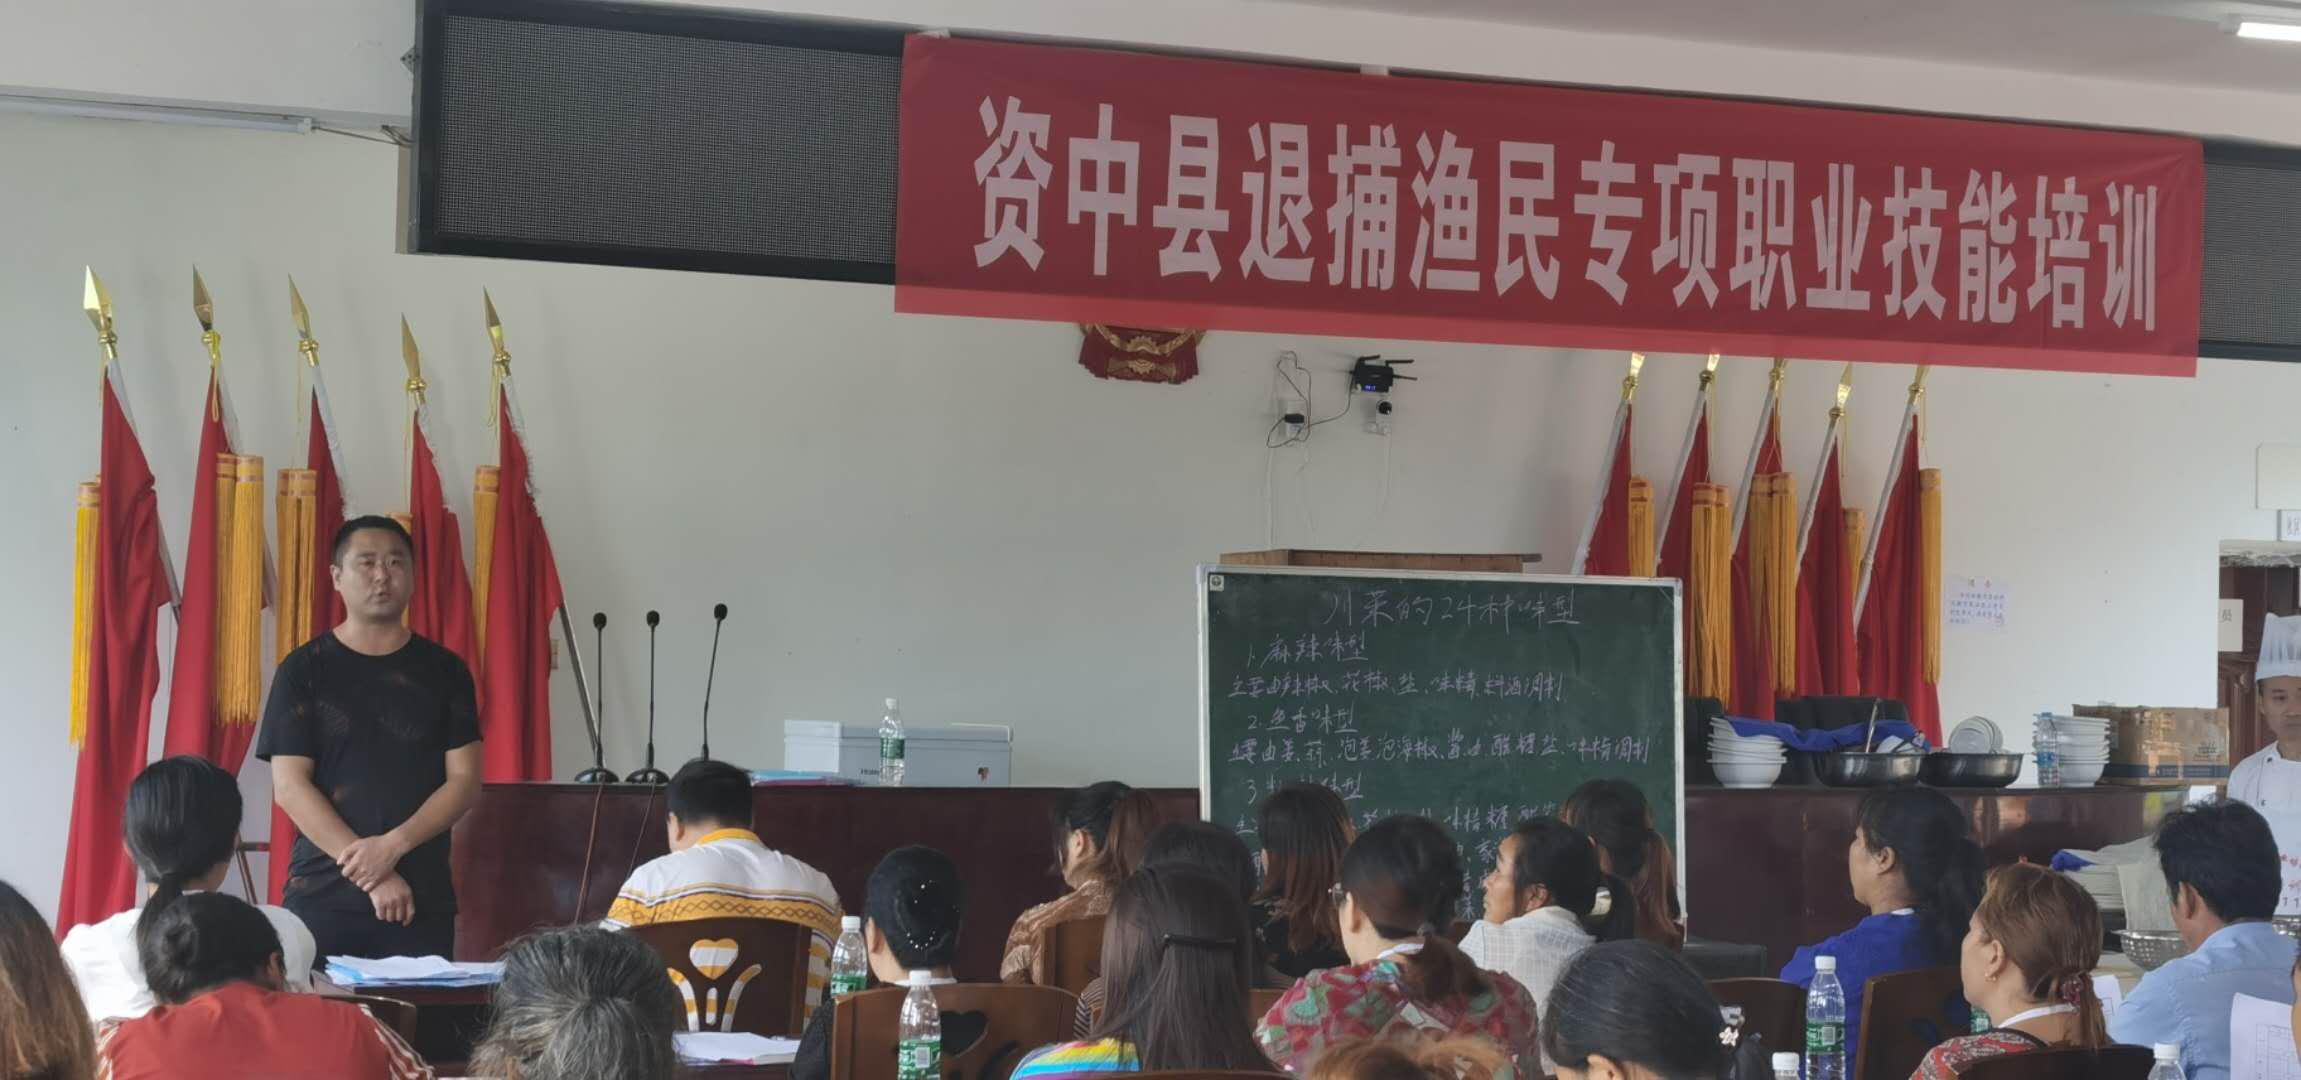 强培训 促就业 -----资中县举办退捕渔民首期职业技能培训班和专场招聘会